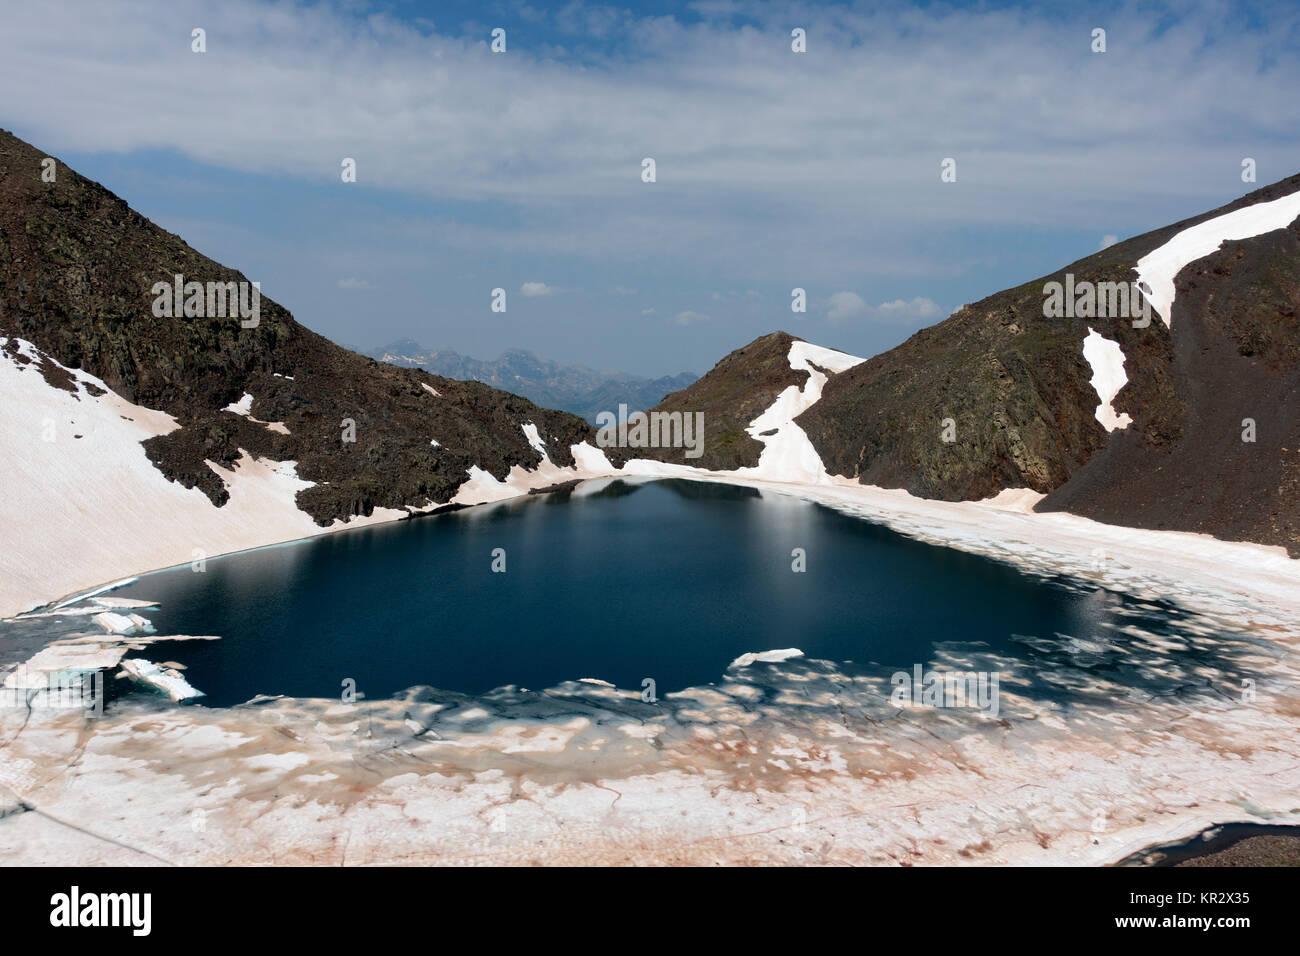 Ibón de Tebarray (Tebarray mountain lake).Piedrafita.Pyrenees.Aragón.Spain - Stock Image